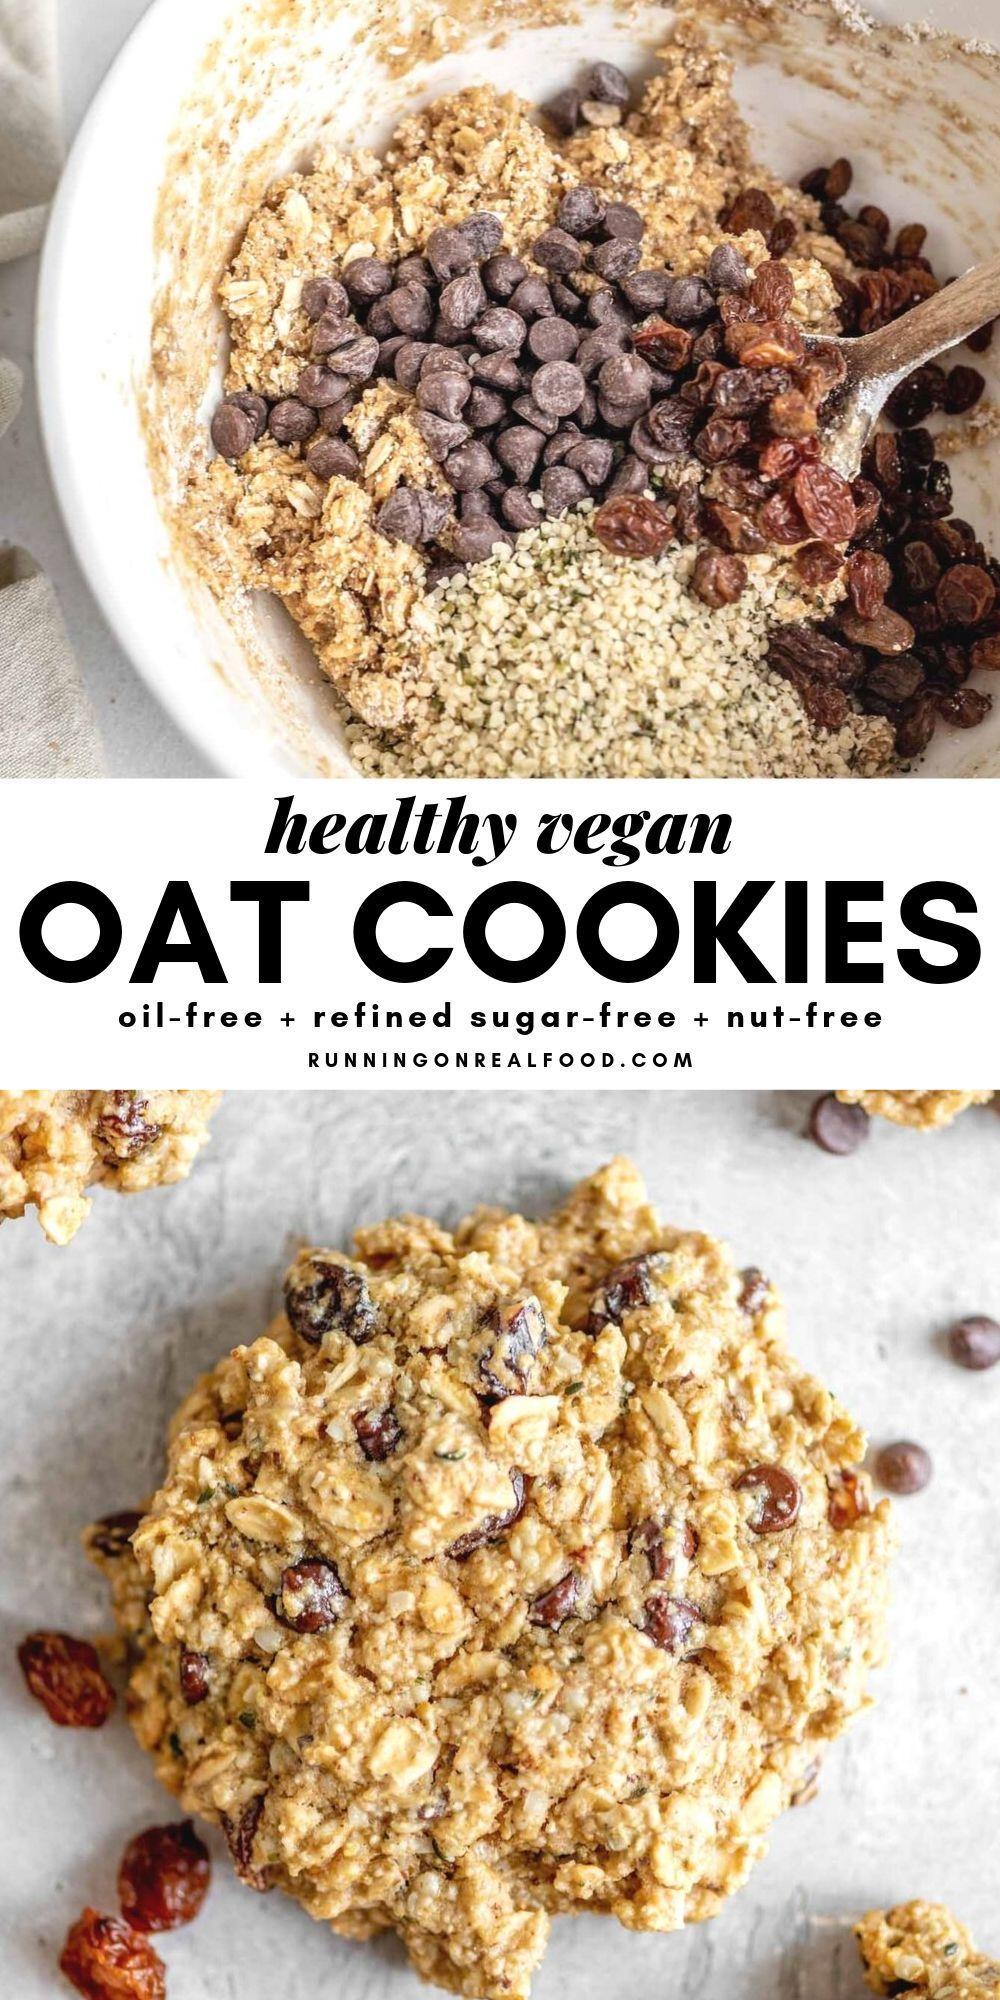 Healthy Oat Cookies Recipe Vegan Oat Cookies Vegan Oatmeal Cookies Healthy Oat Cookies